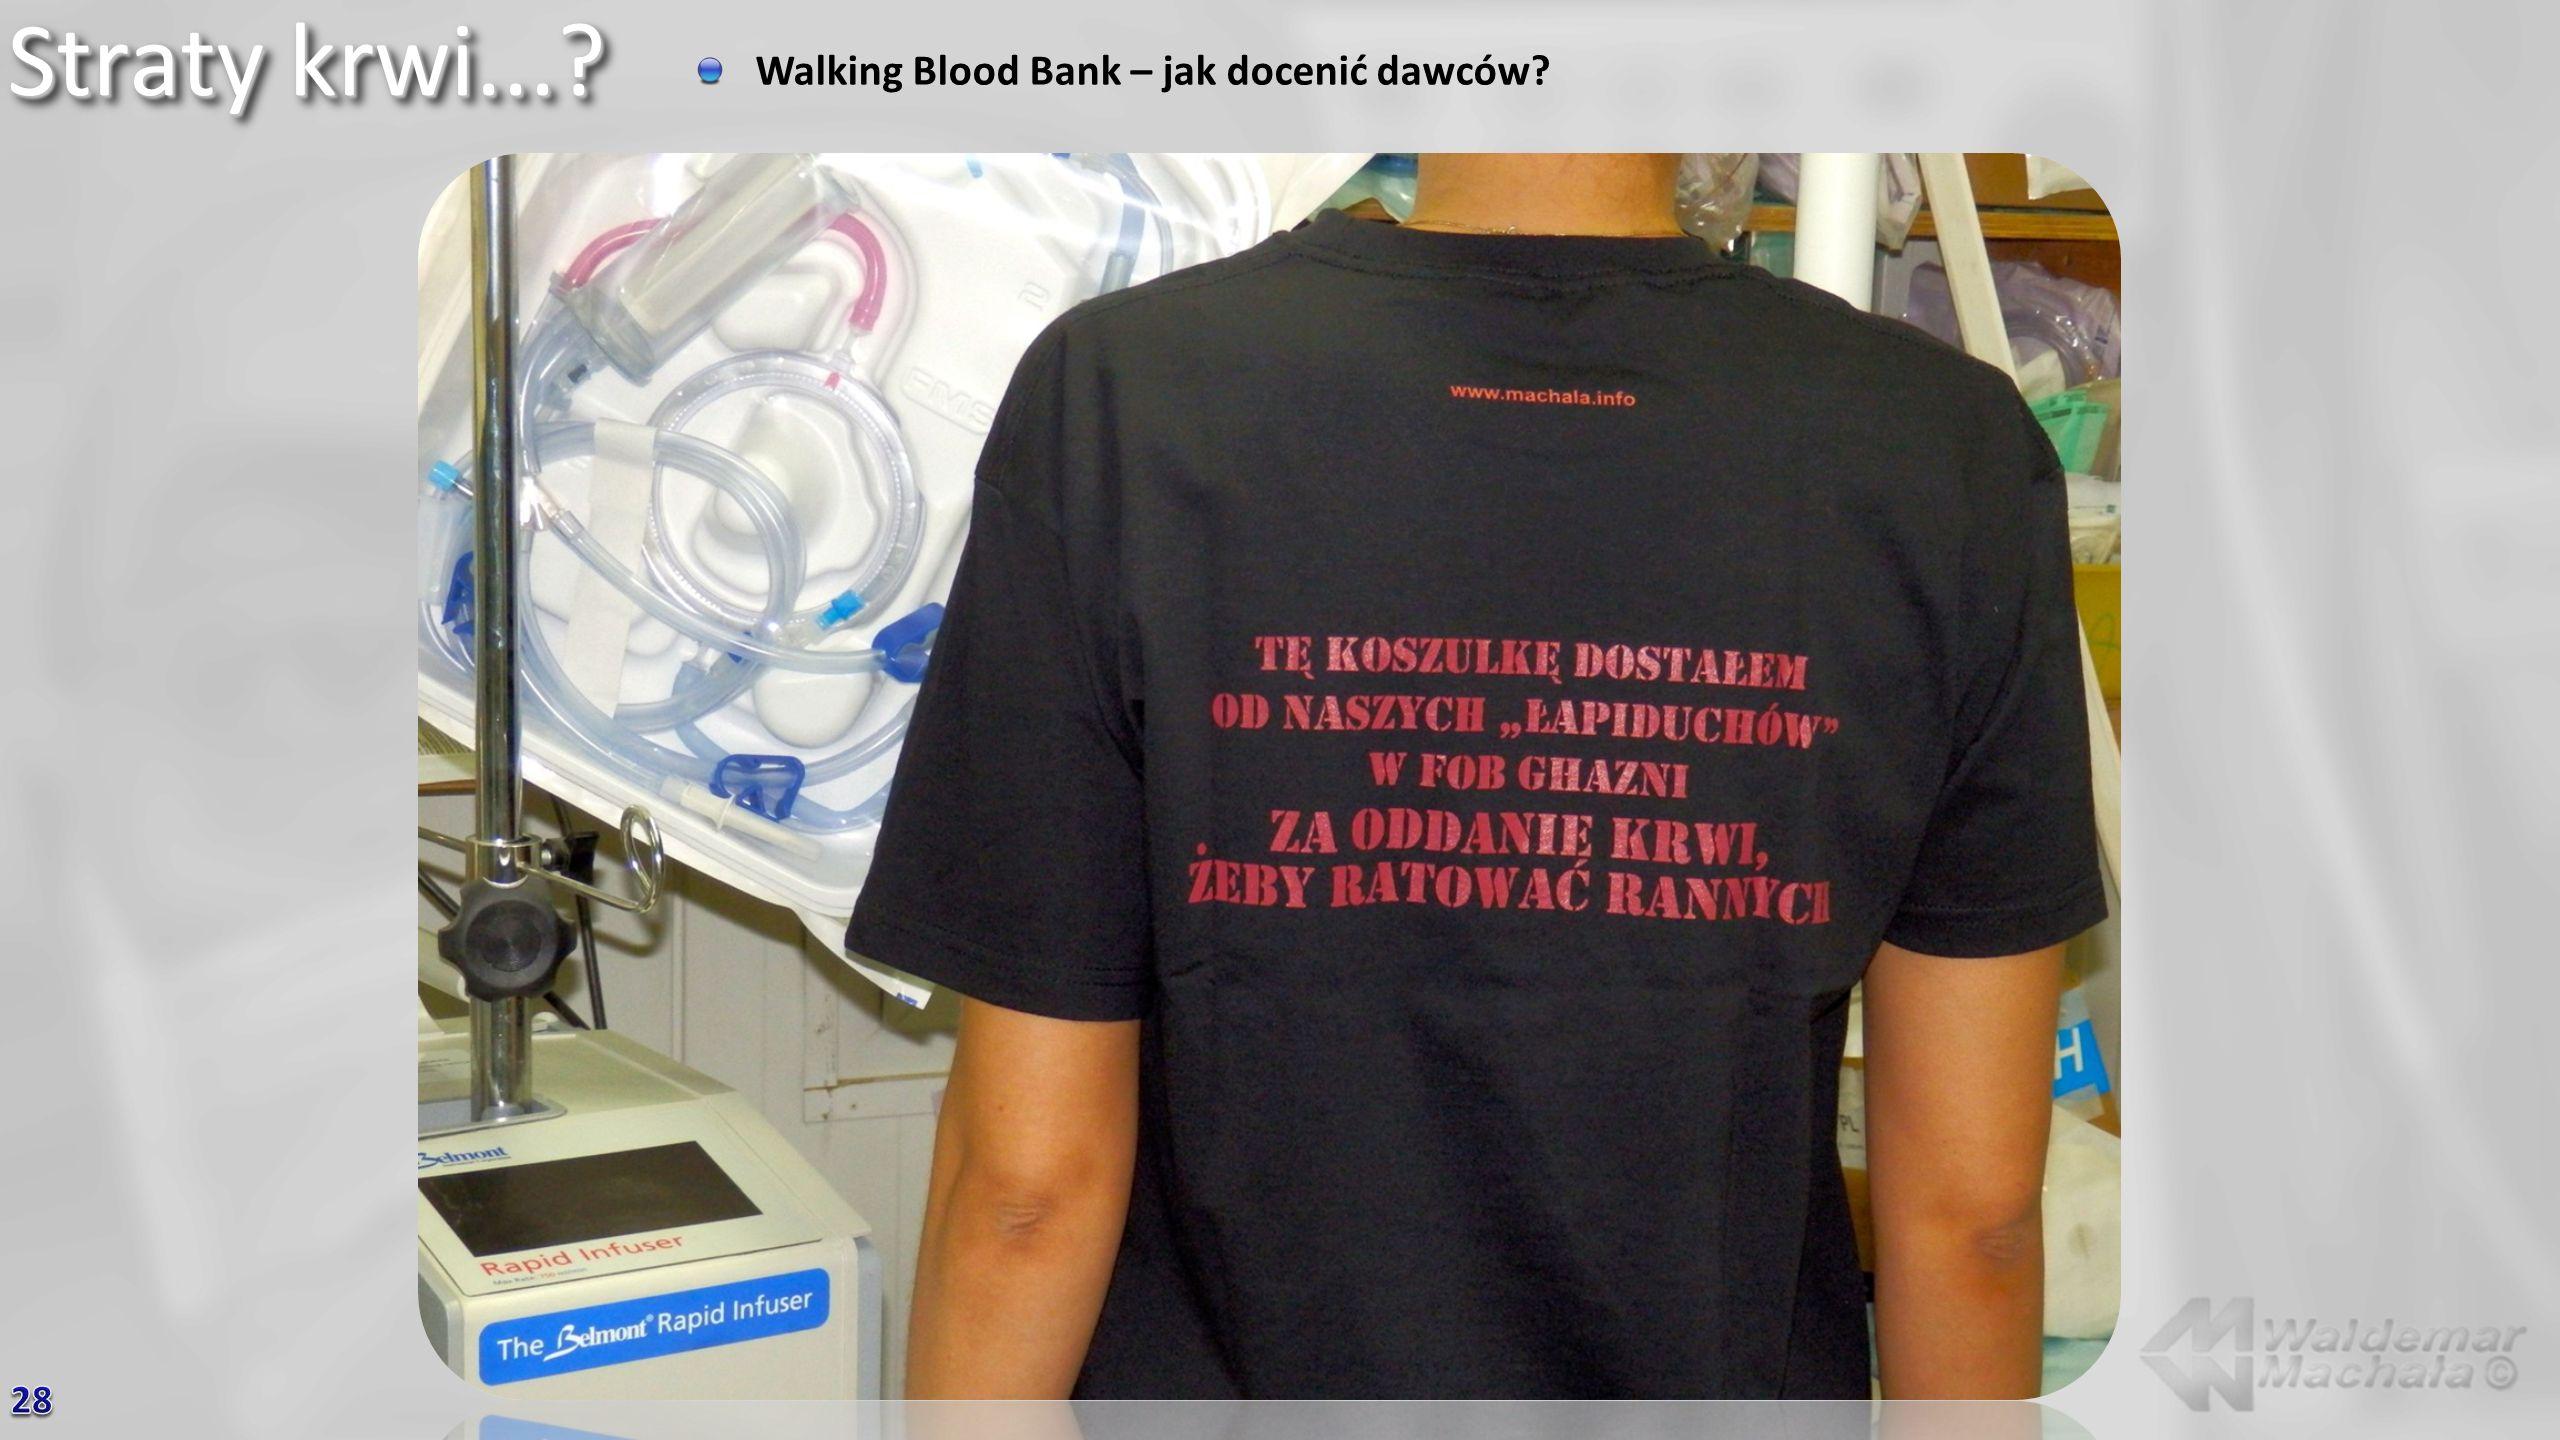 Straty krwi...? Walking Blood Bank – jak docenić dawców?